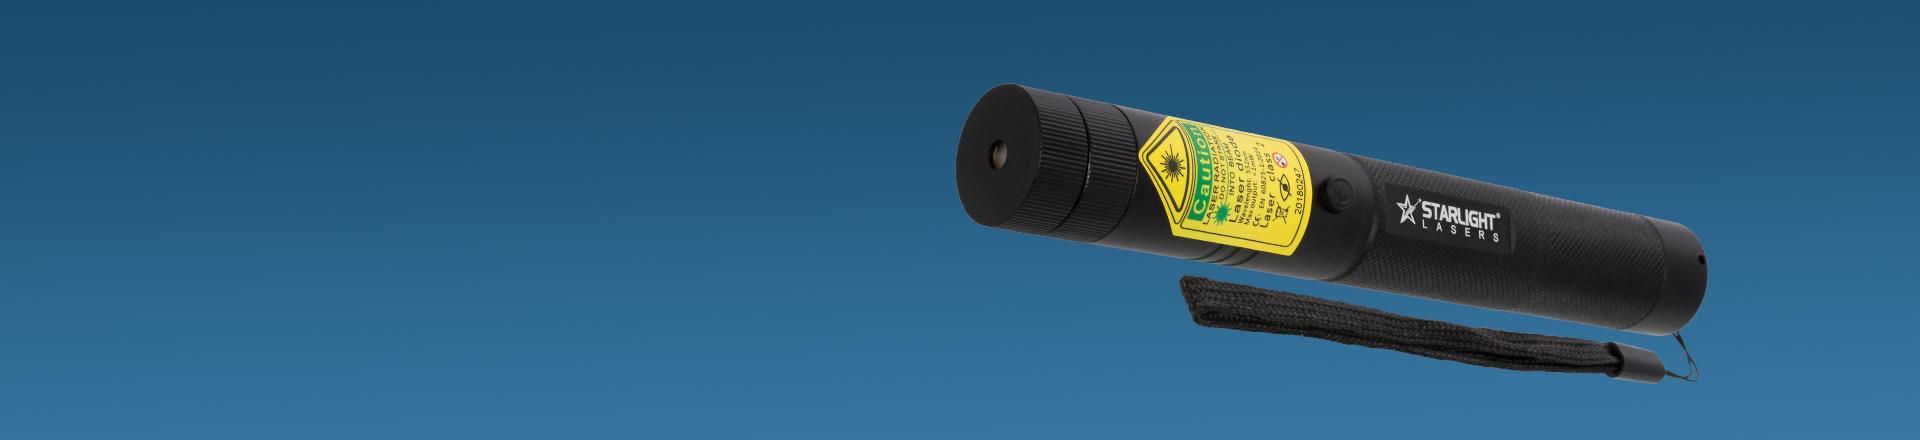 G1 laserpen banner